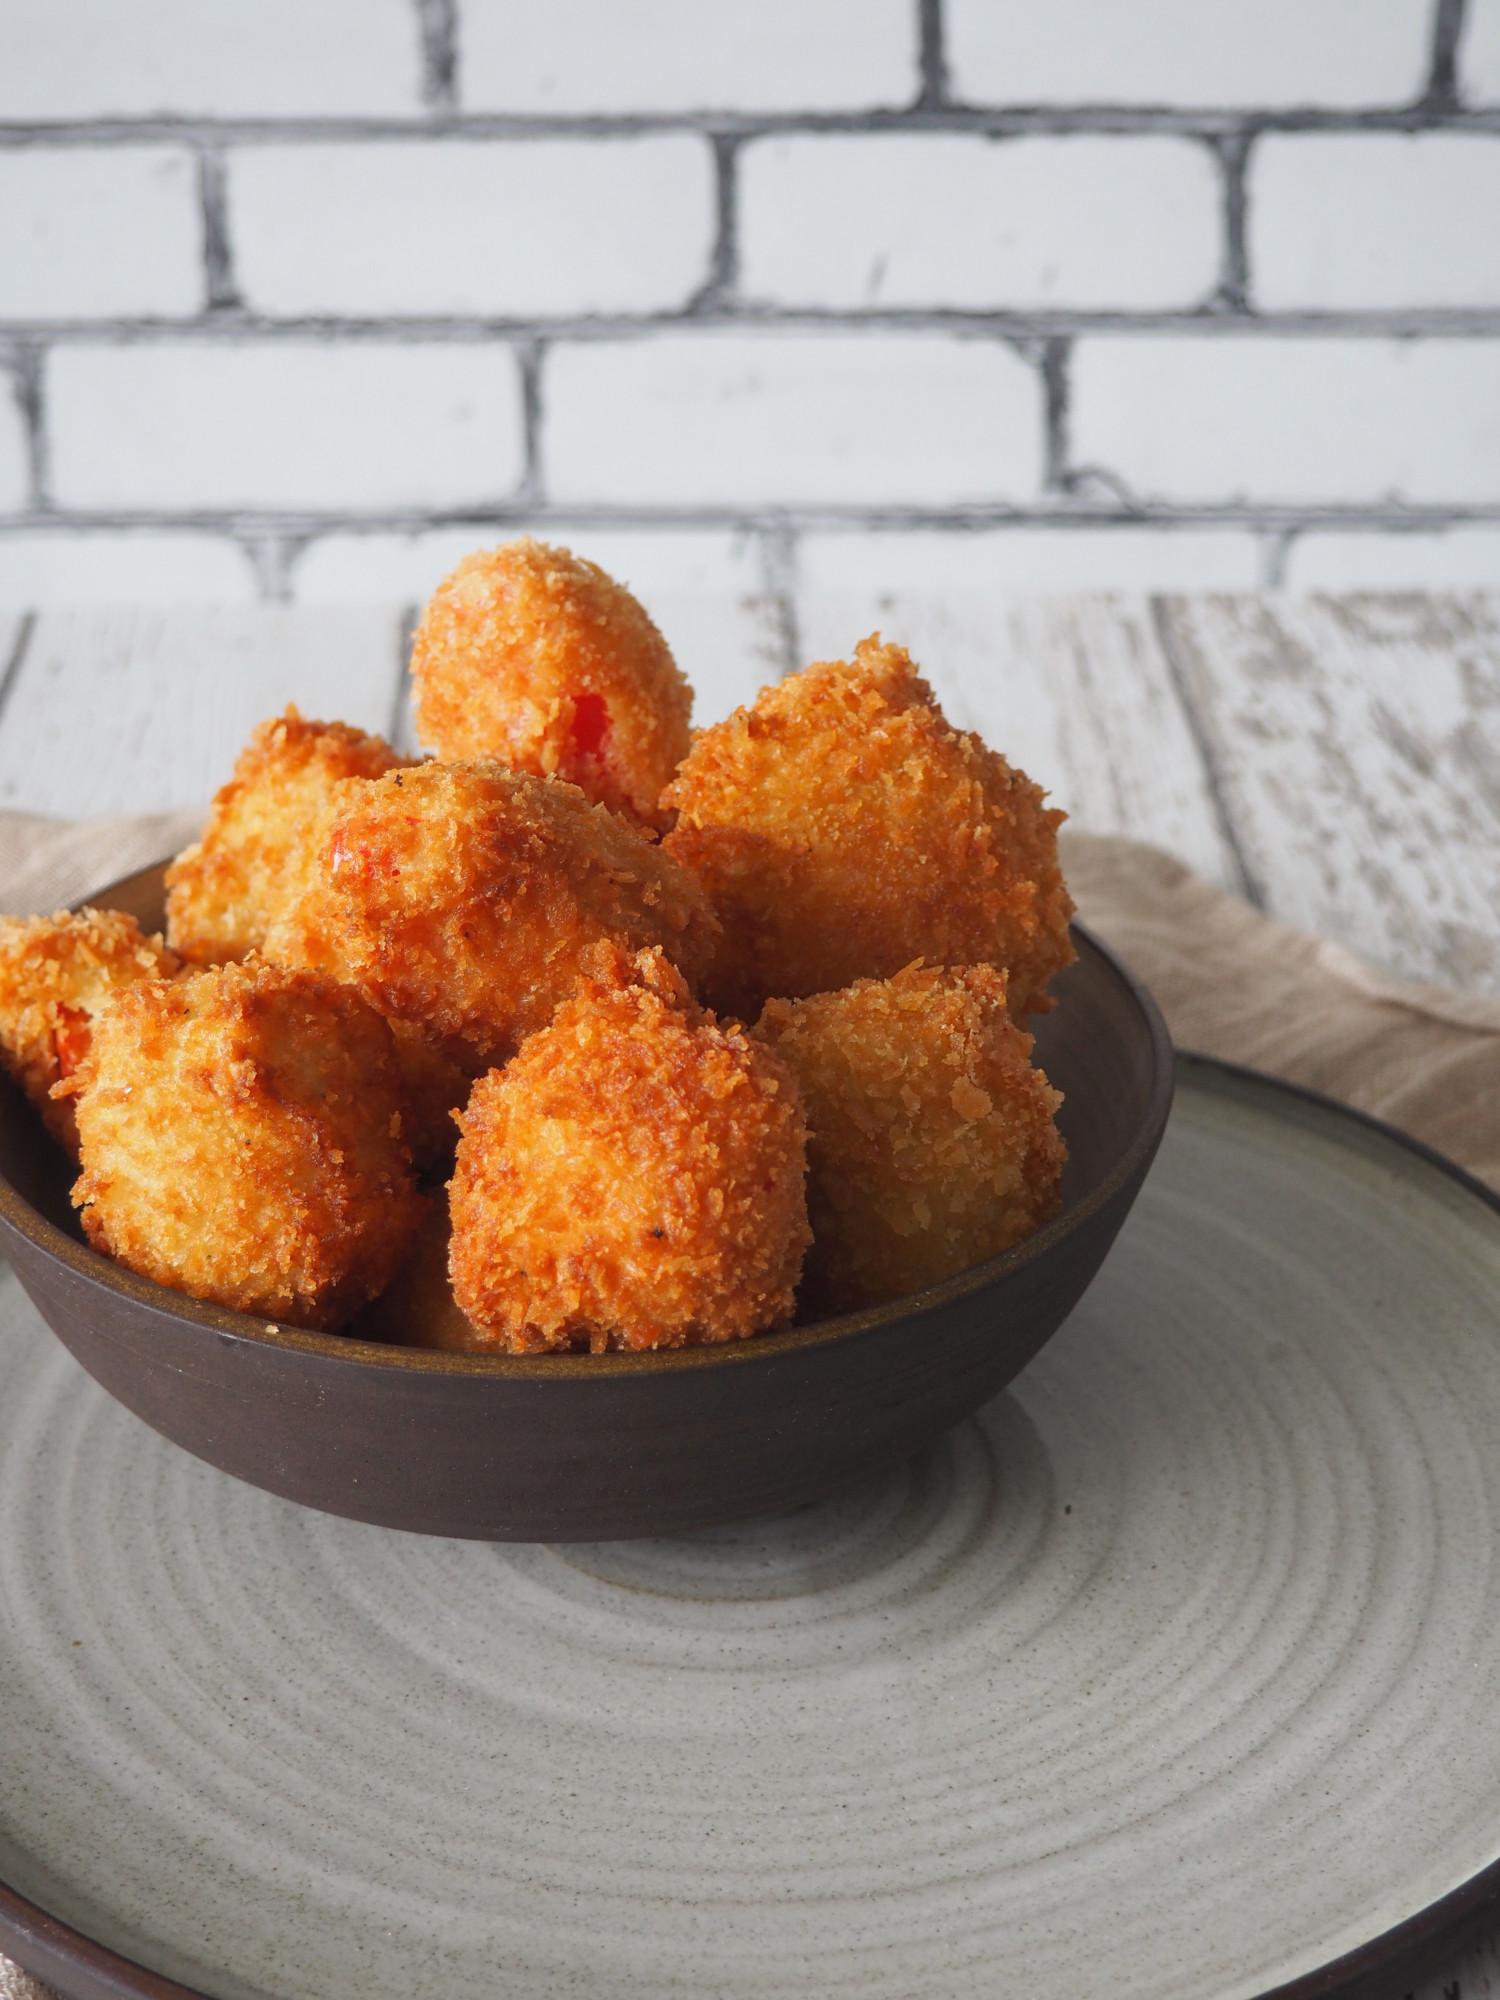 Peberfrugtsnacks med cream cheese i sprød panering - Sprøde snacks af peberfugt med fyld af flødeost af Beksemad og OneKitchen